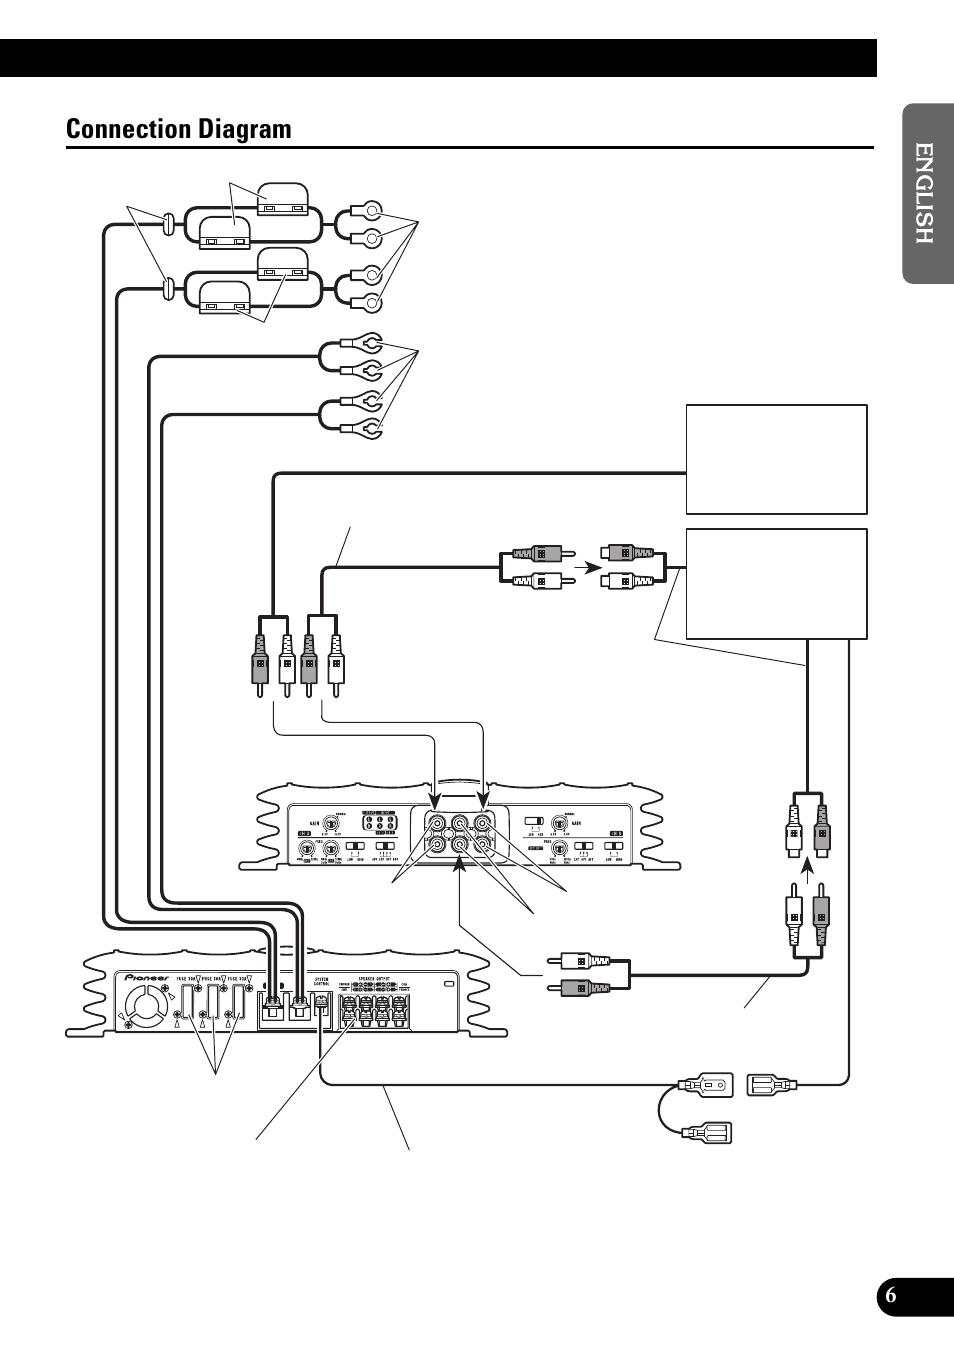 gm 9 pin wiring diagram everything wiring diagramgm 9 pin wiring diagram wiring diagram schema blog gm 9 pin wiring diagram amp 9